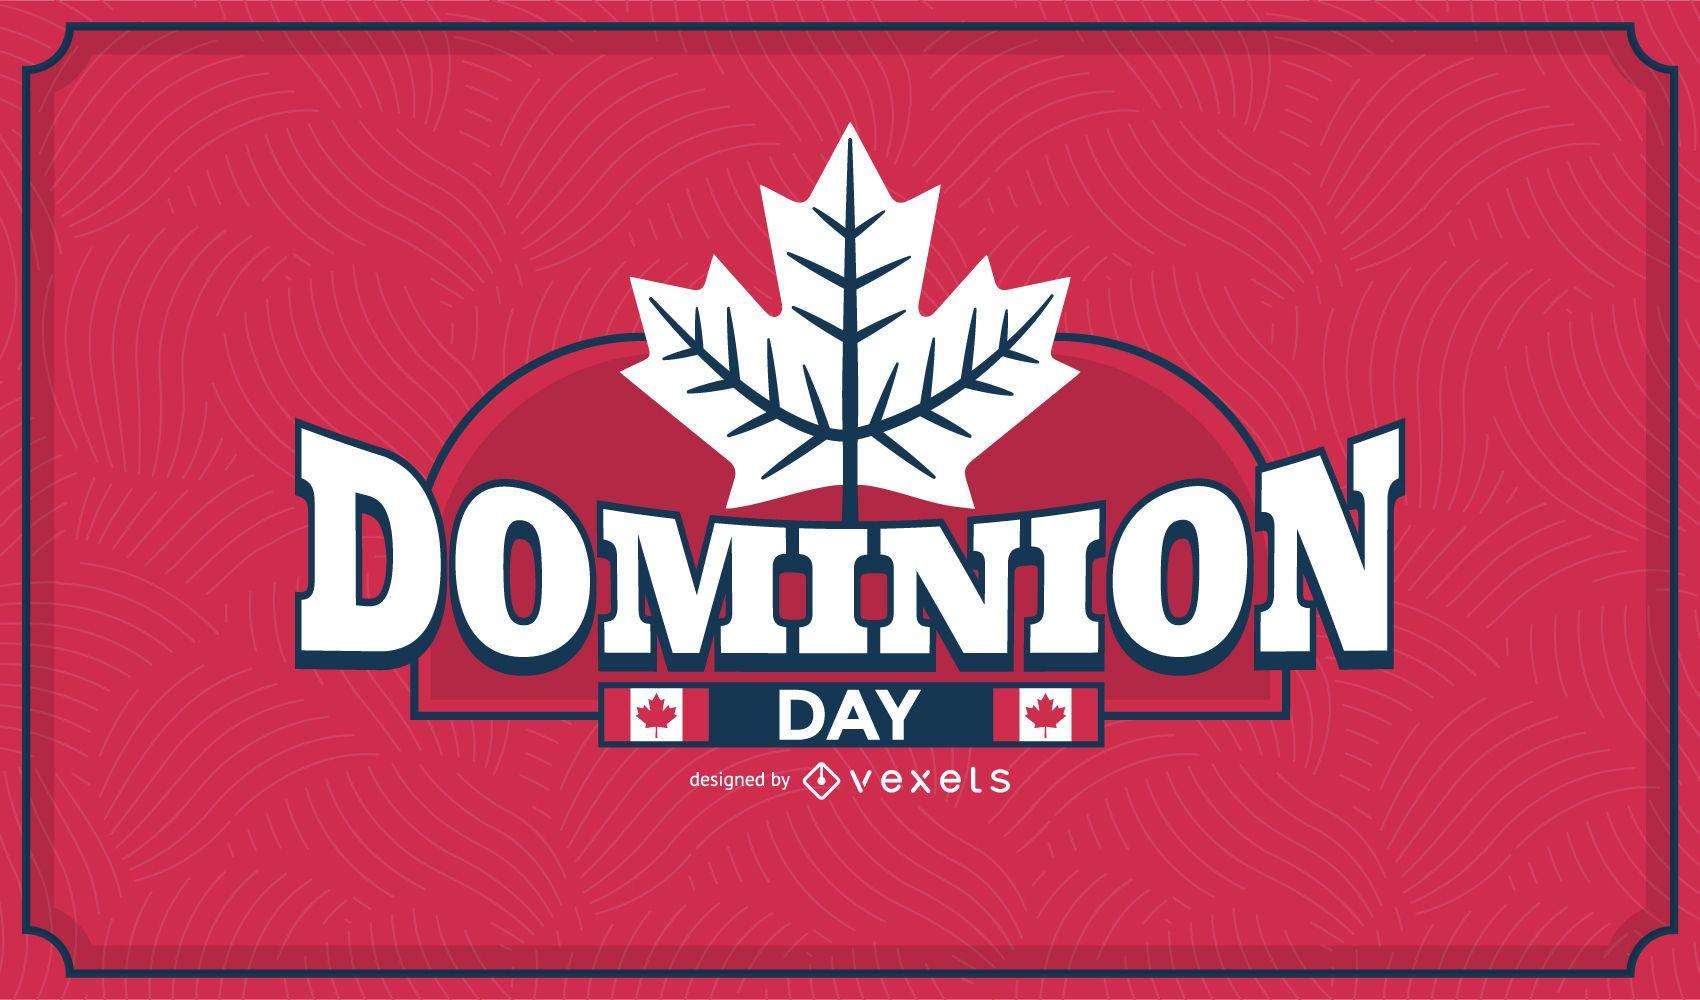 Dominion day design